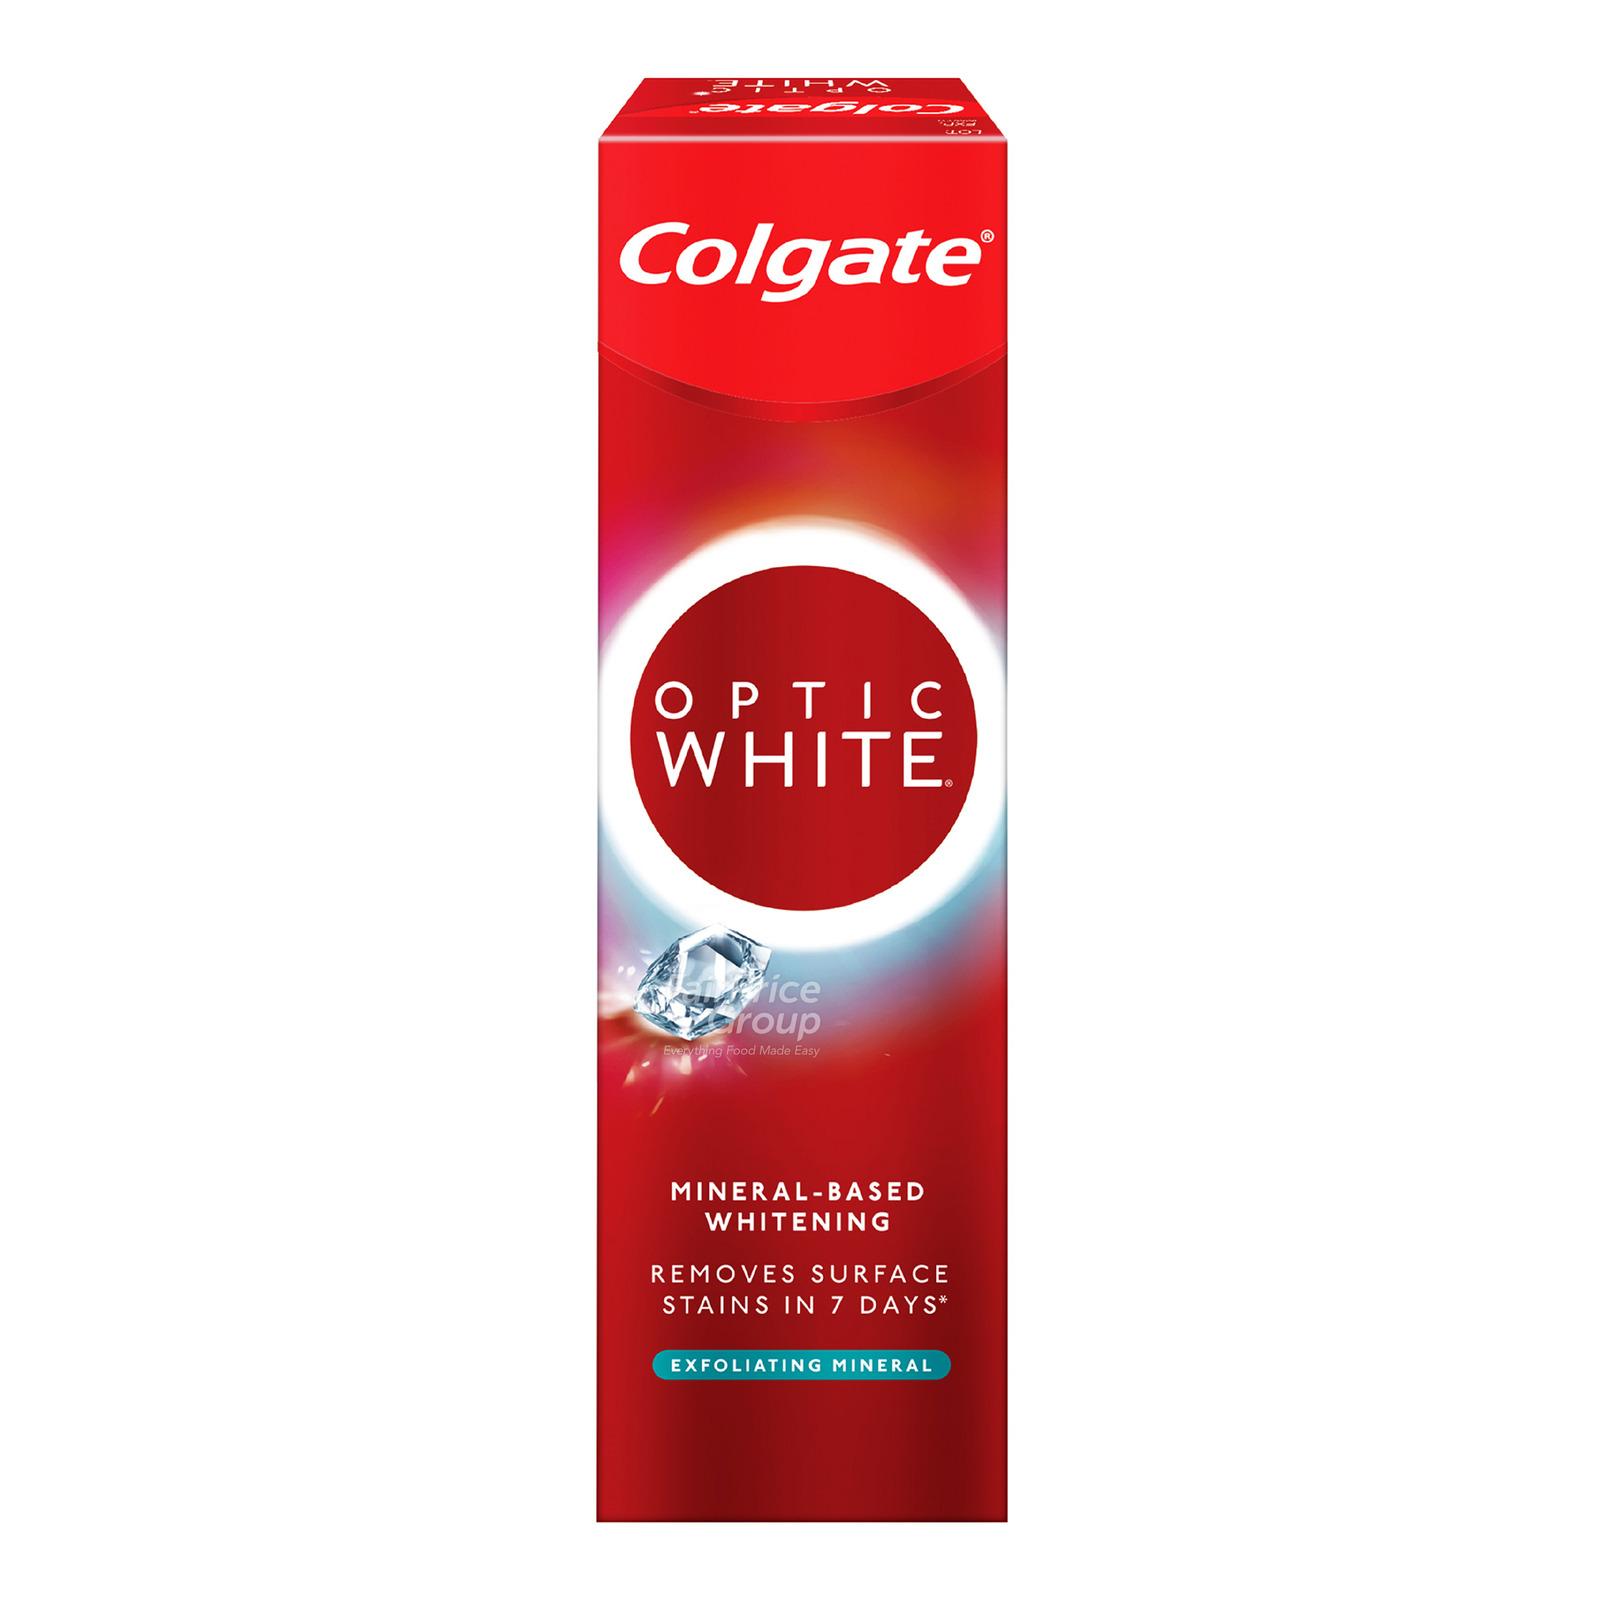 Colgate Optic White Toothpaste - Plus Shine